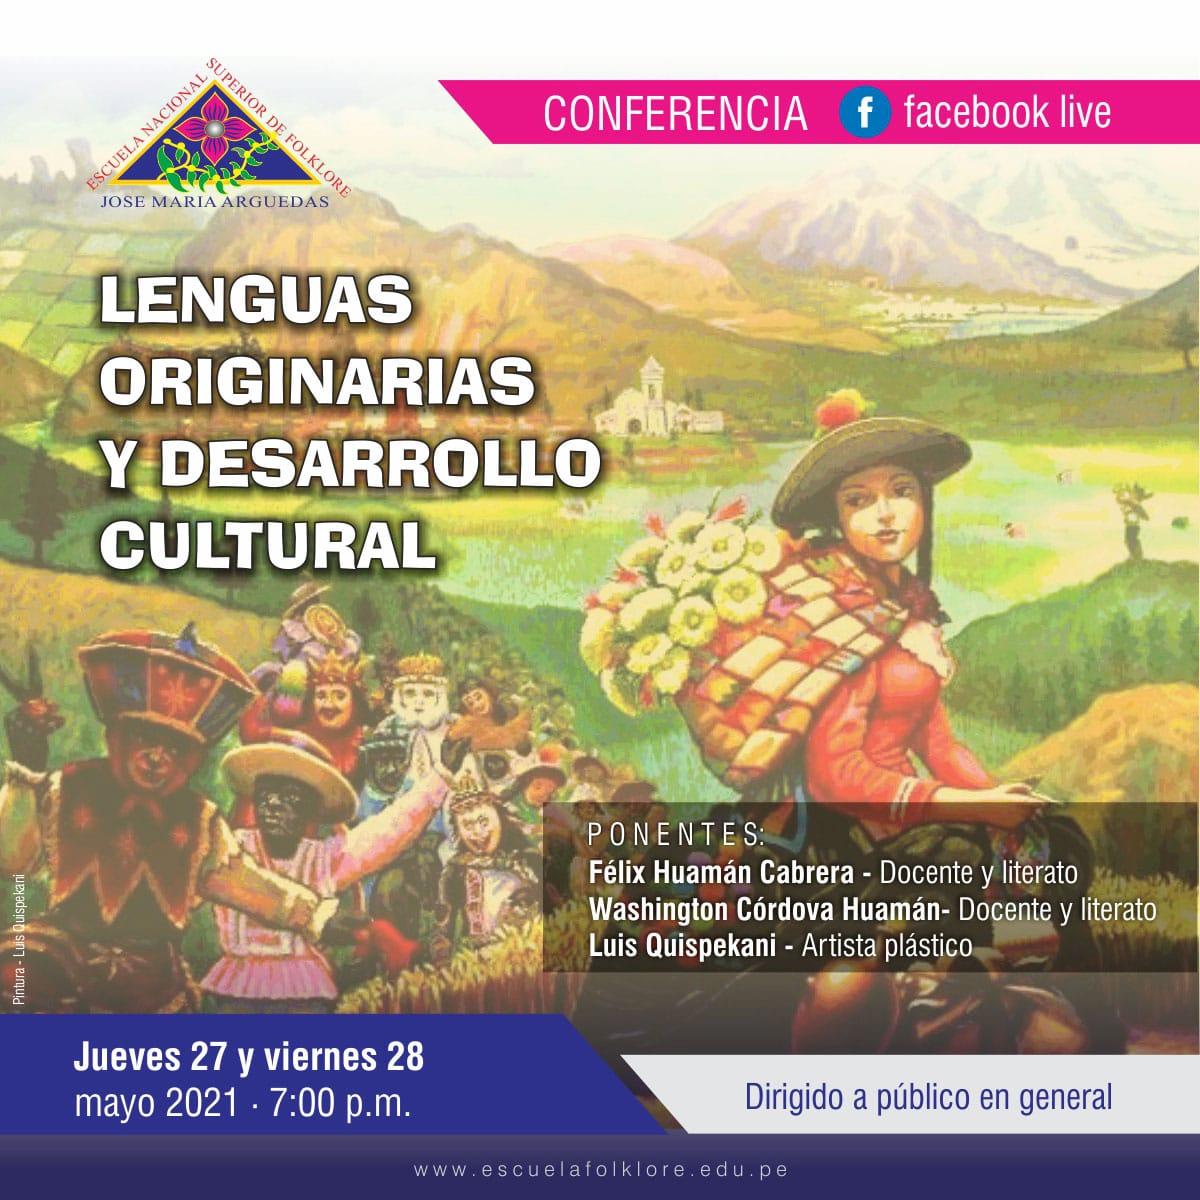 CONVERSATORIO SOBRE NUESTRAS LENGUAS ORIGINARIAS